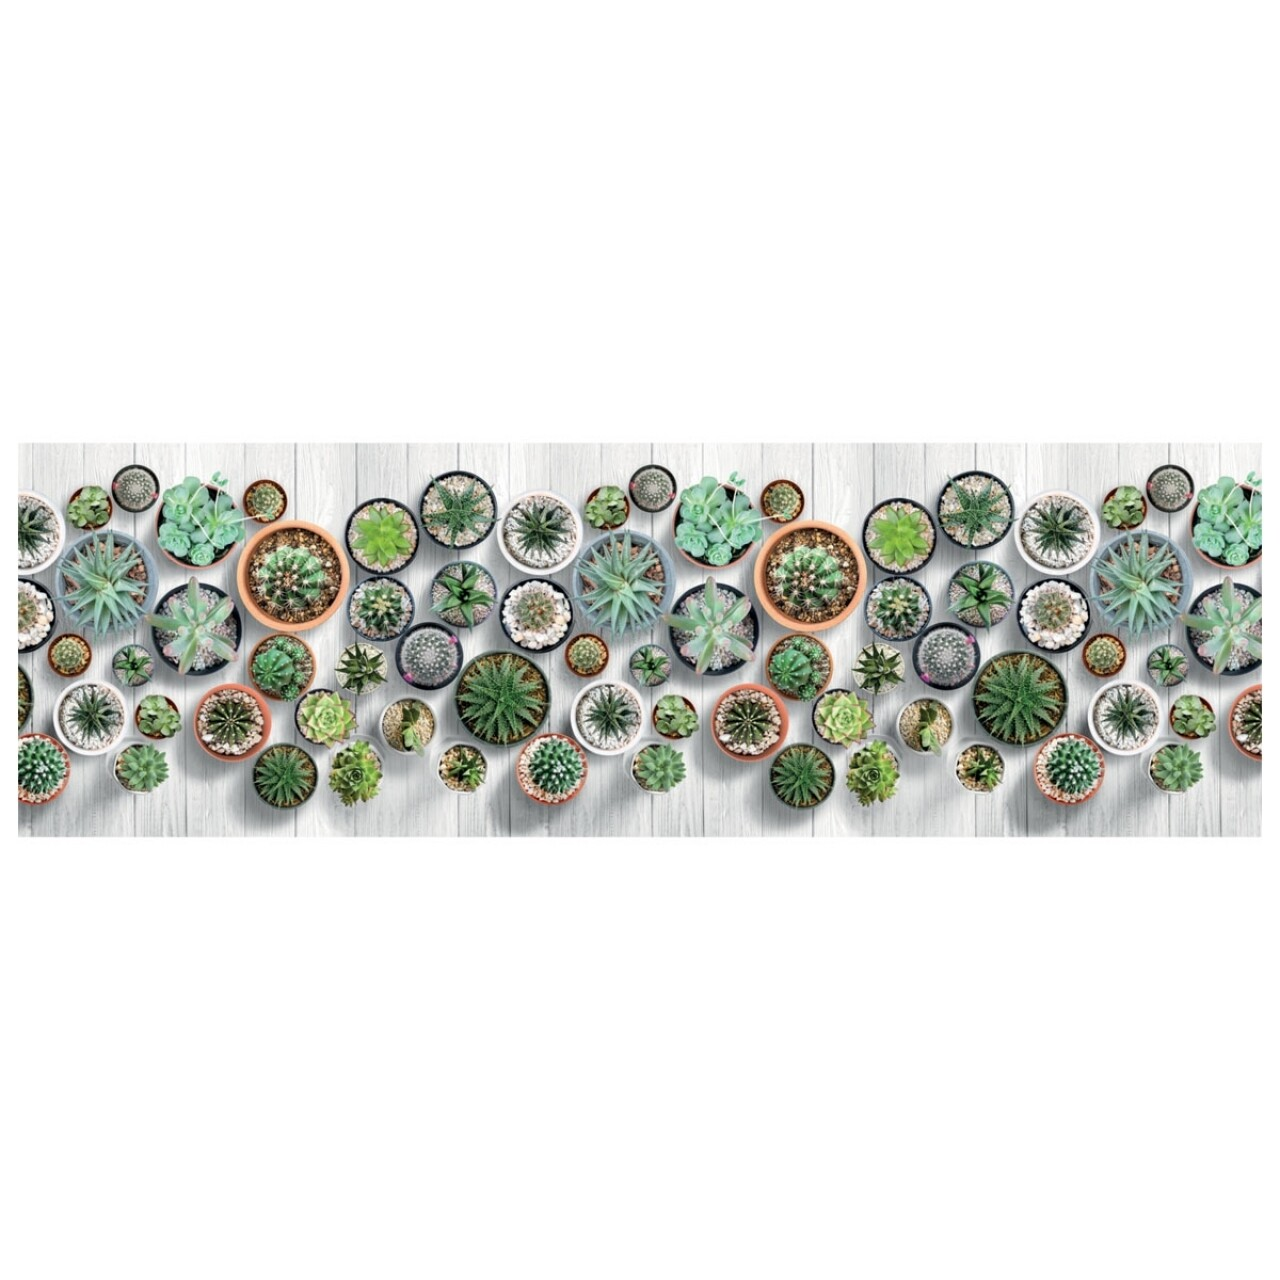 Covor rezistent Webtappeti Cactus 58 x 115 cm, multicolor